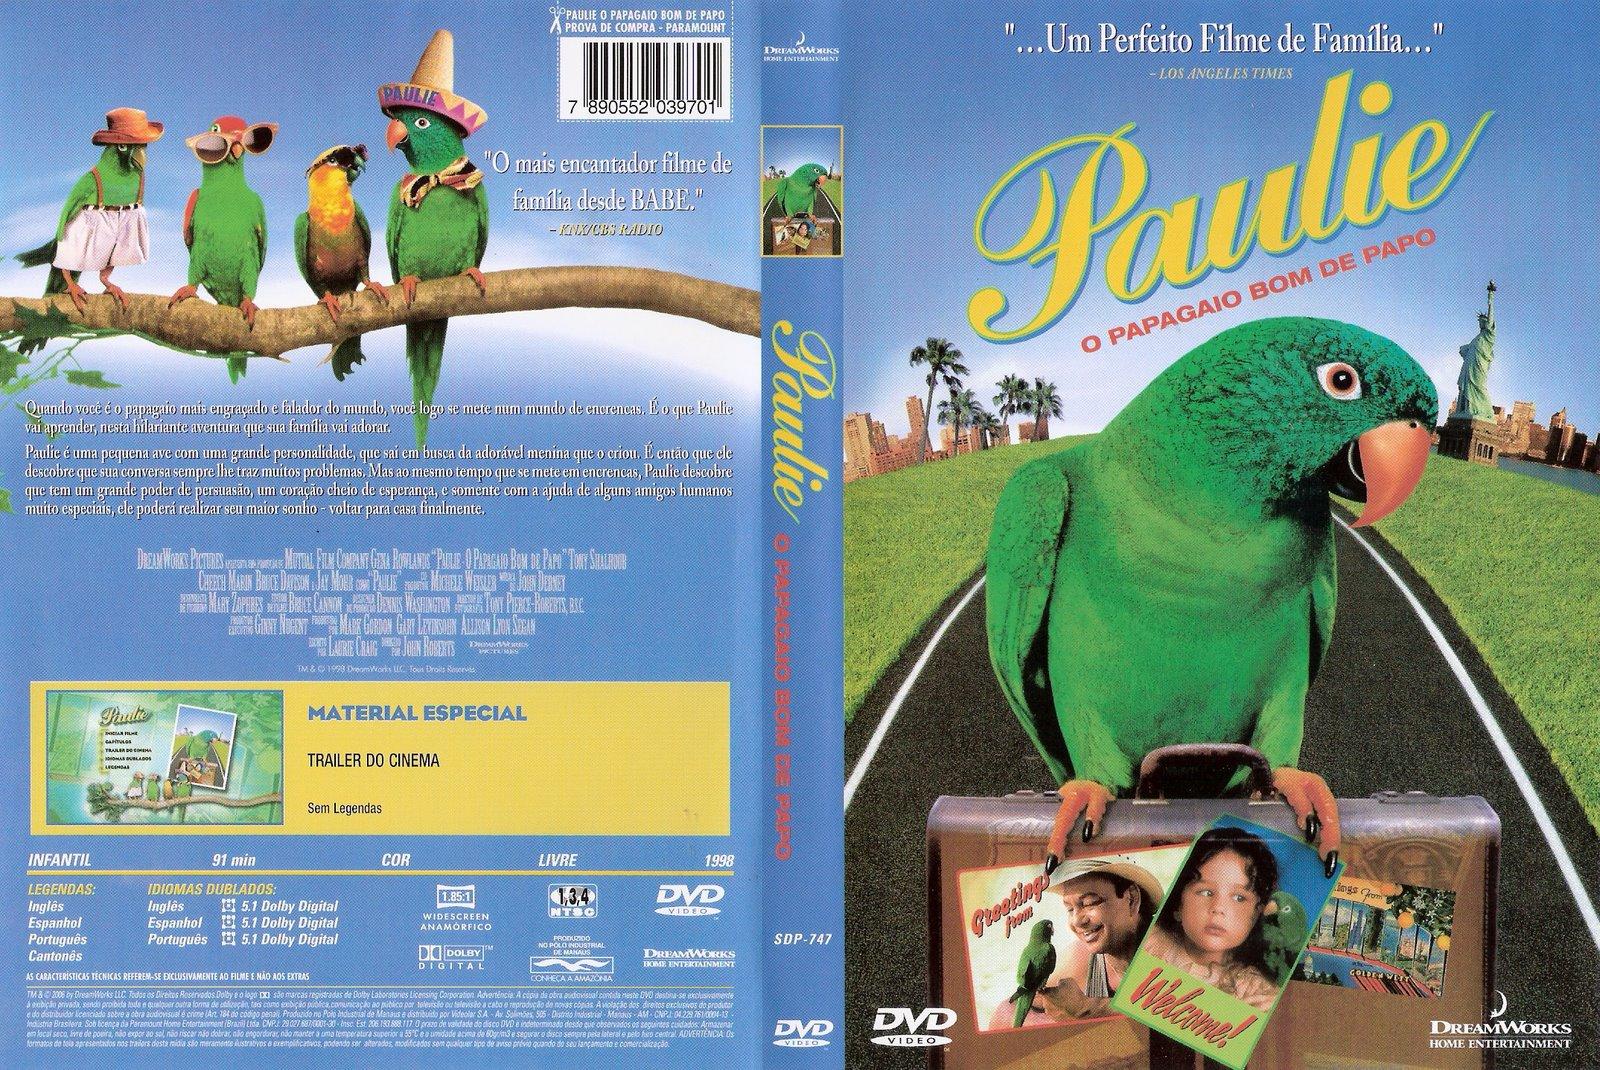 Polly o papagaio bom de papo online dating